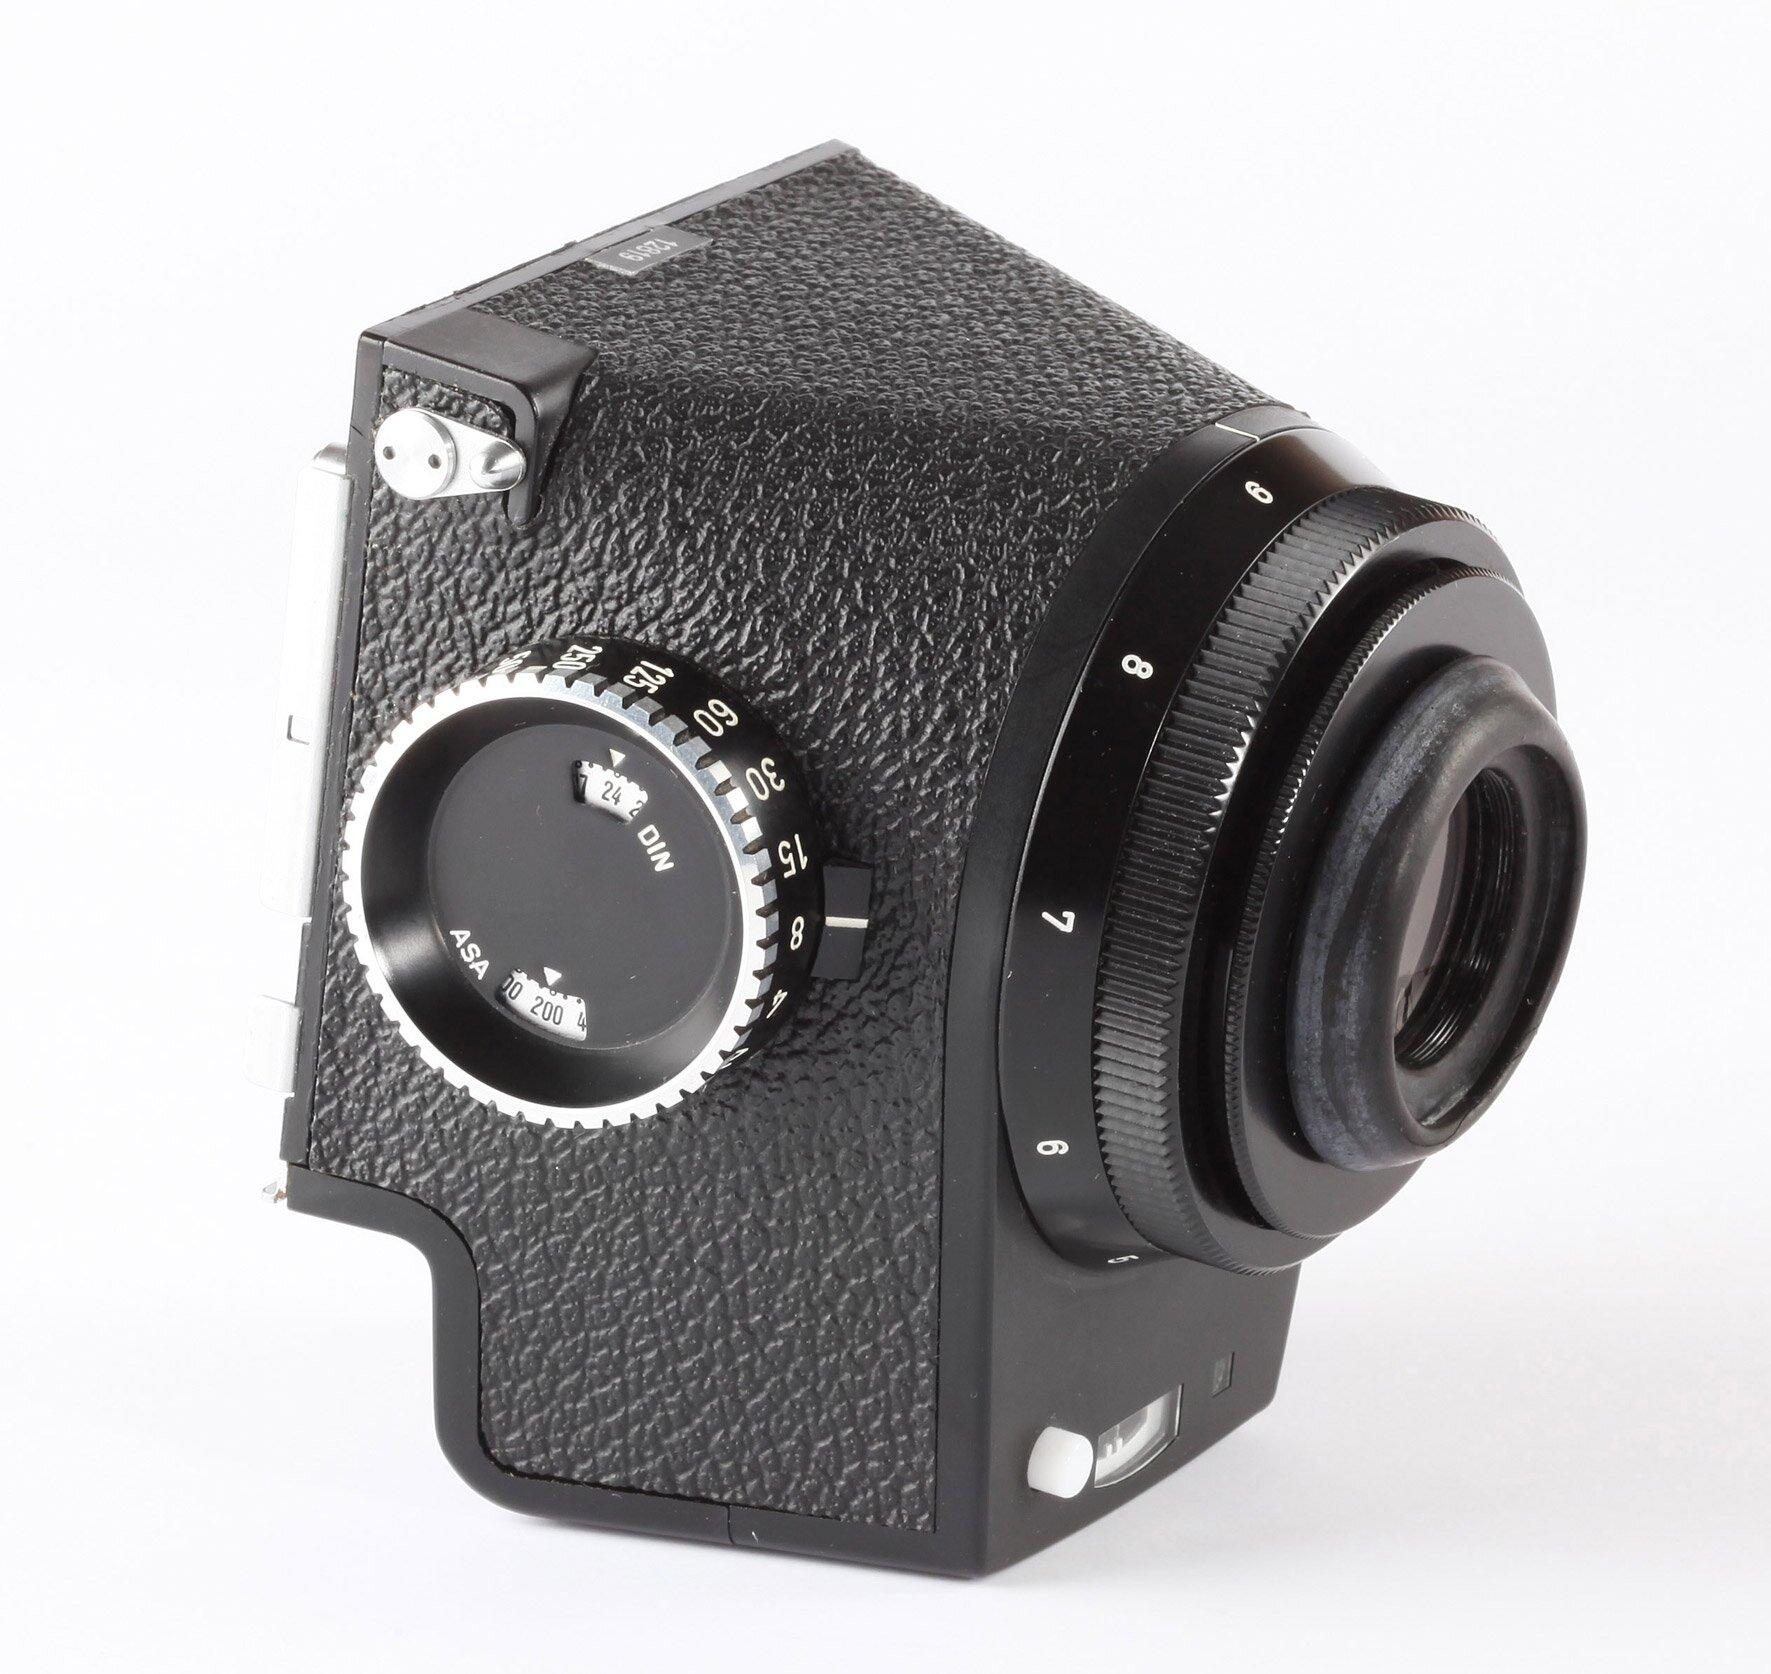 Rollei SL66 Belichtungsmesser Aufsatz Sucher Rolleiflex